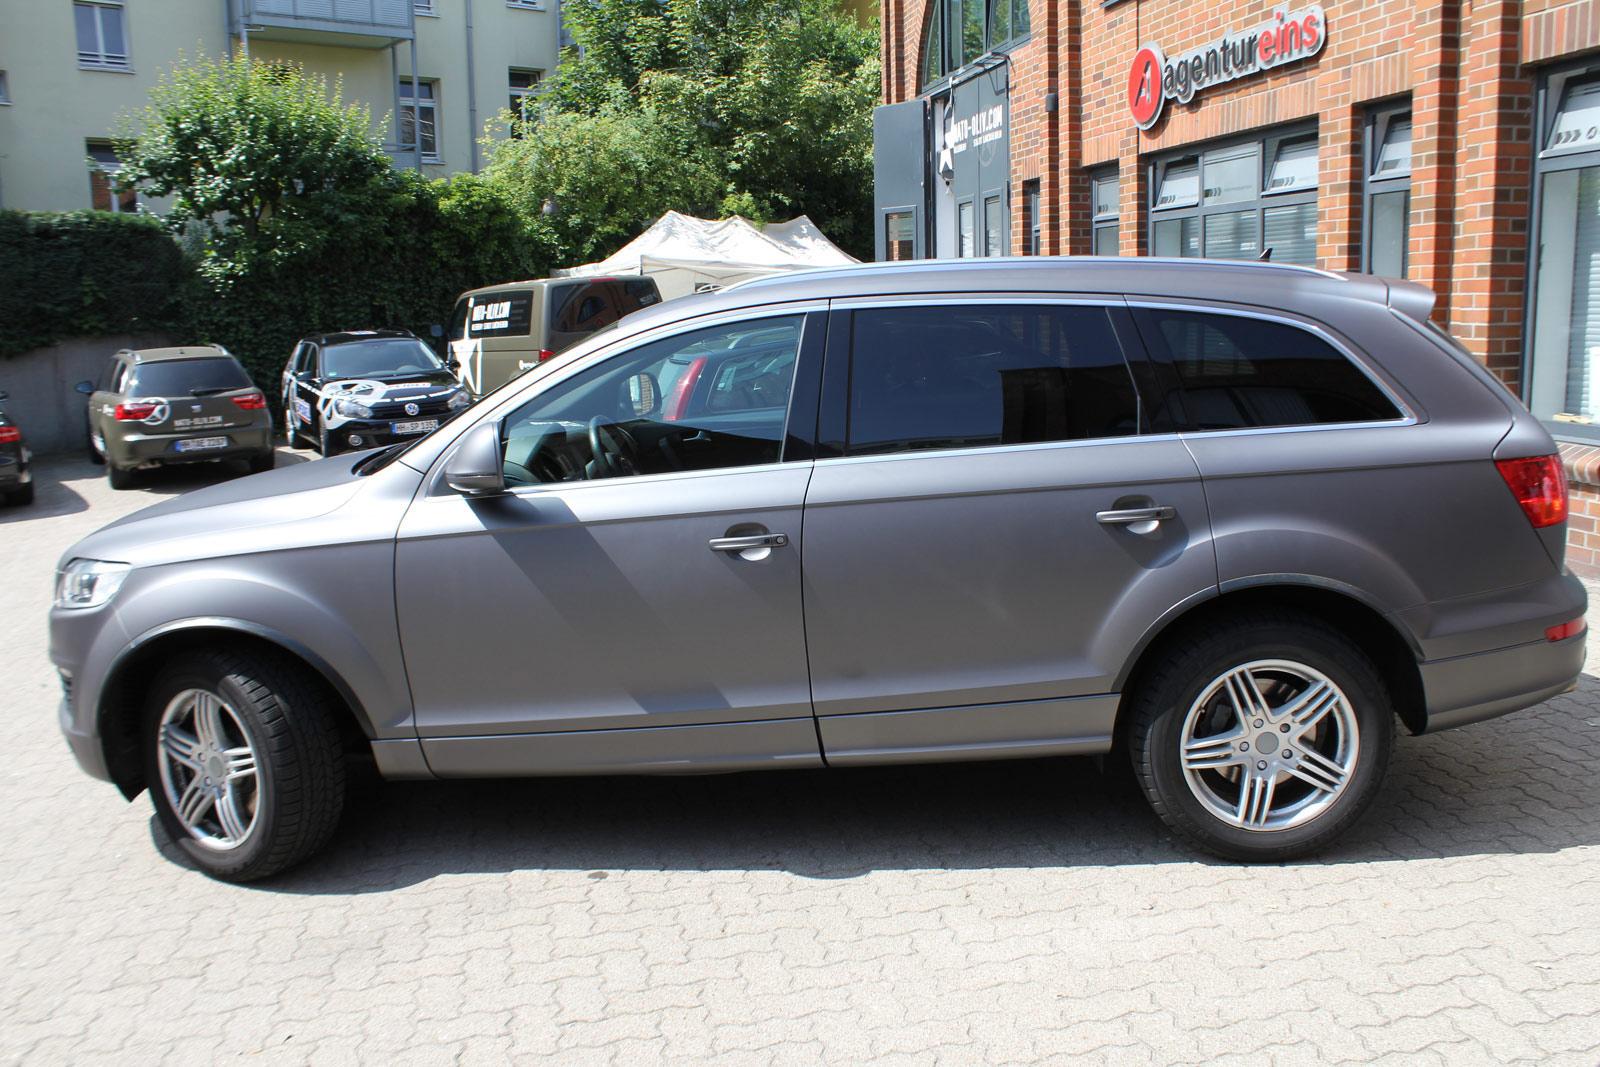 Seitenansicht des Audi Q7 in anthrazit matt metallic.